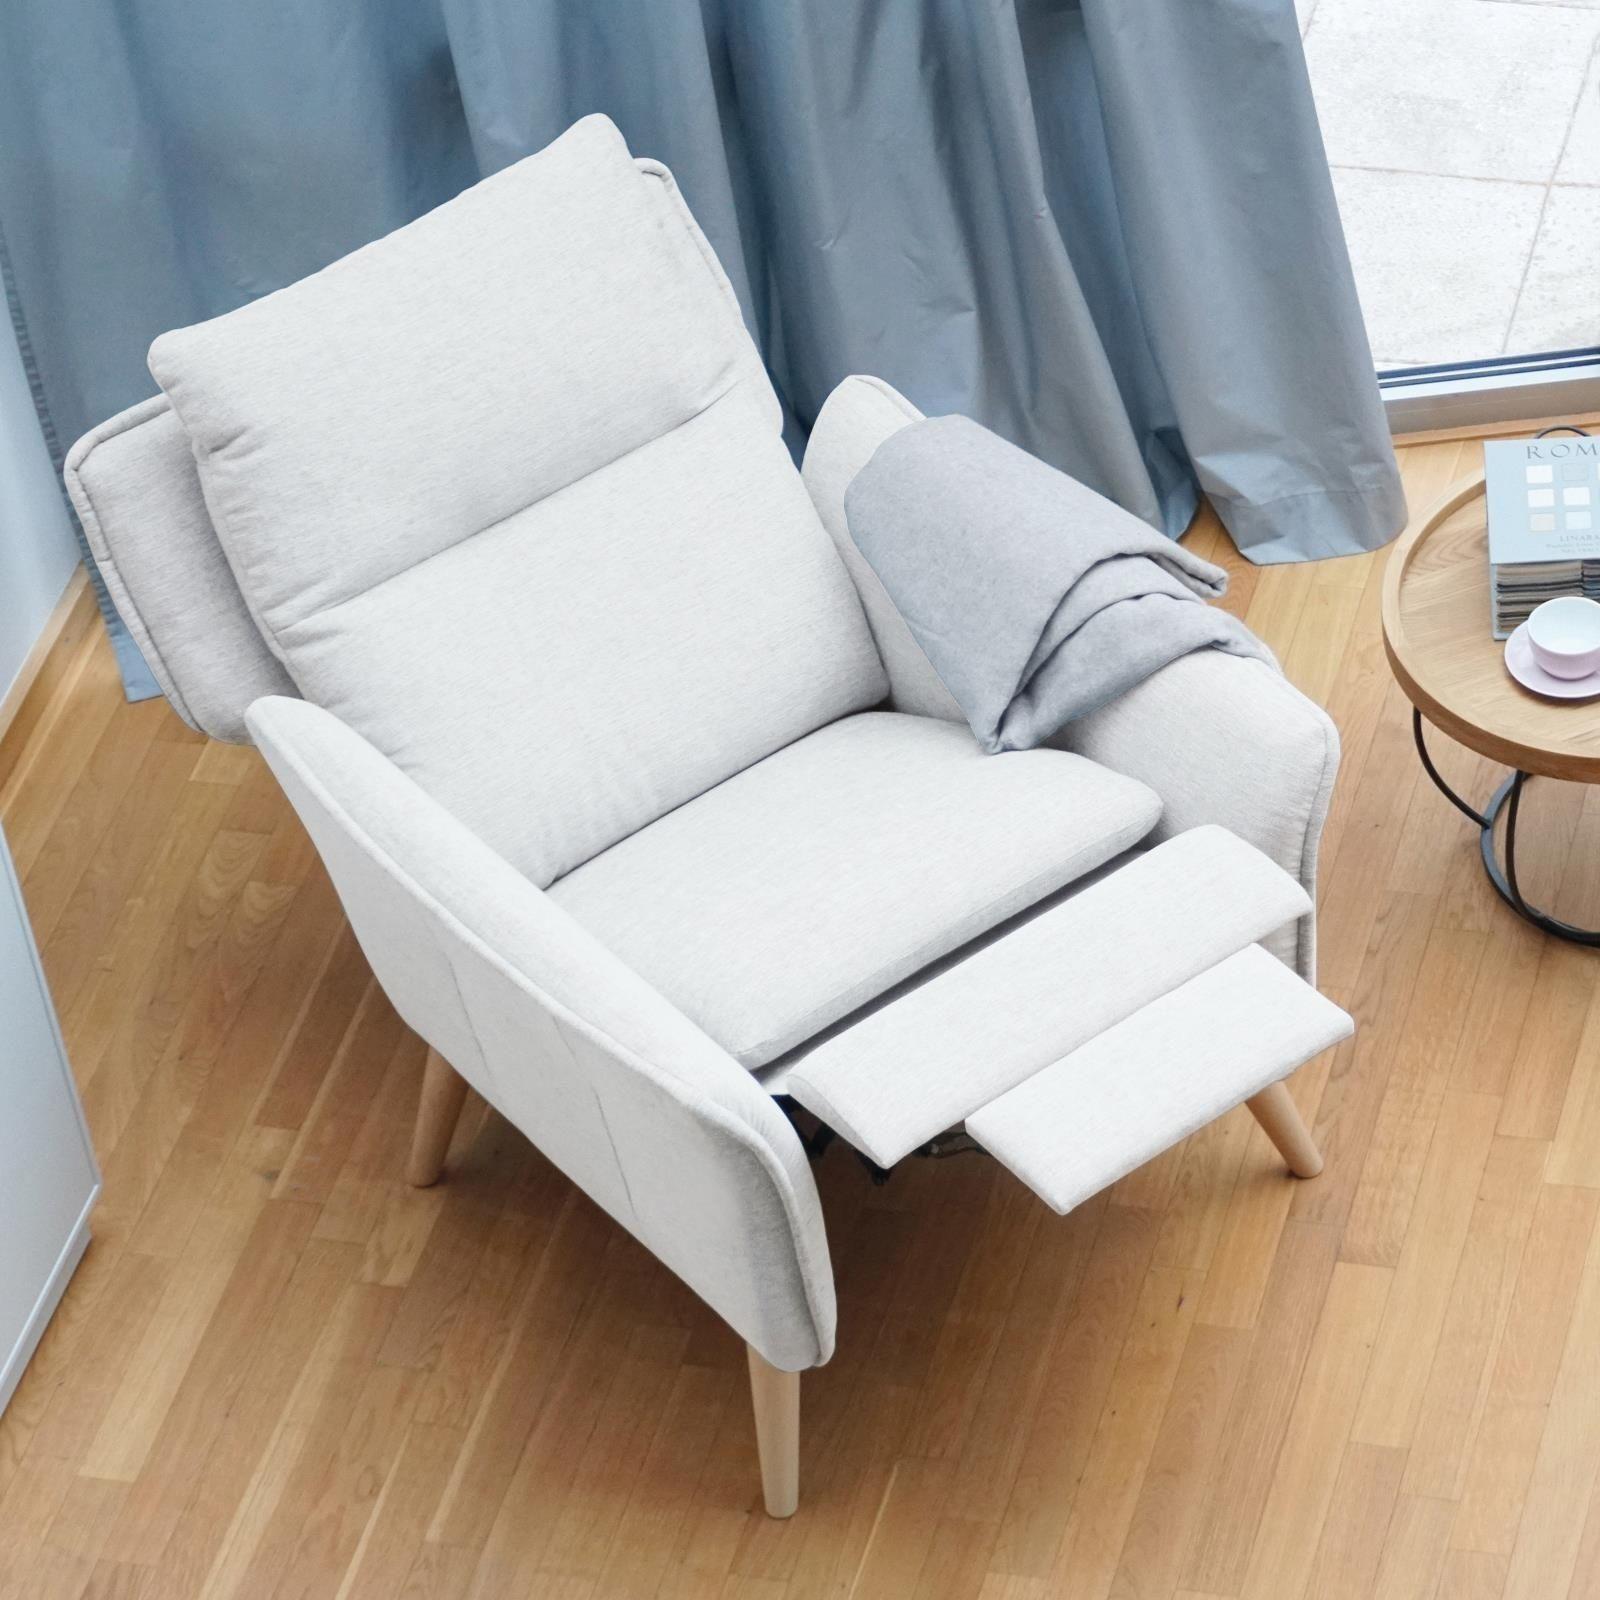 Moderner Hochwertiger Relaxsessel Fernsehsessel Mit Funktion Insideout Eiche Massiv Salbei In 2020 Relaxsessel Fernsehsessel Sessel